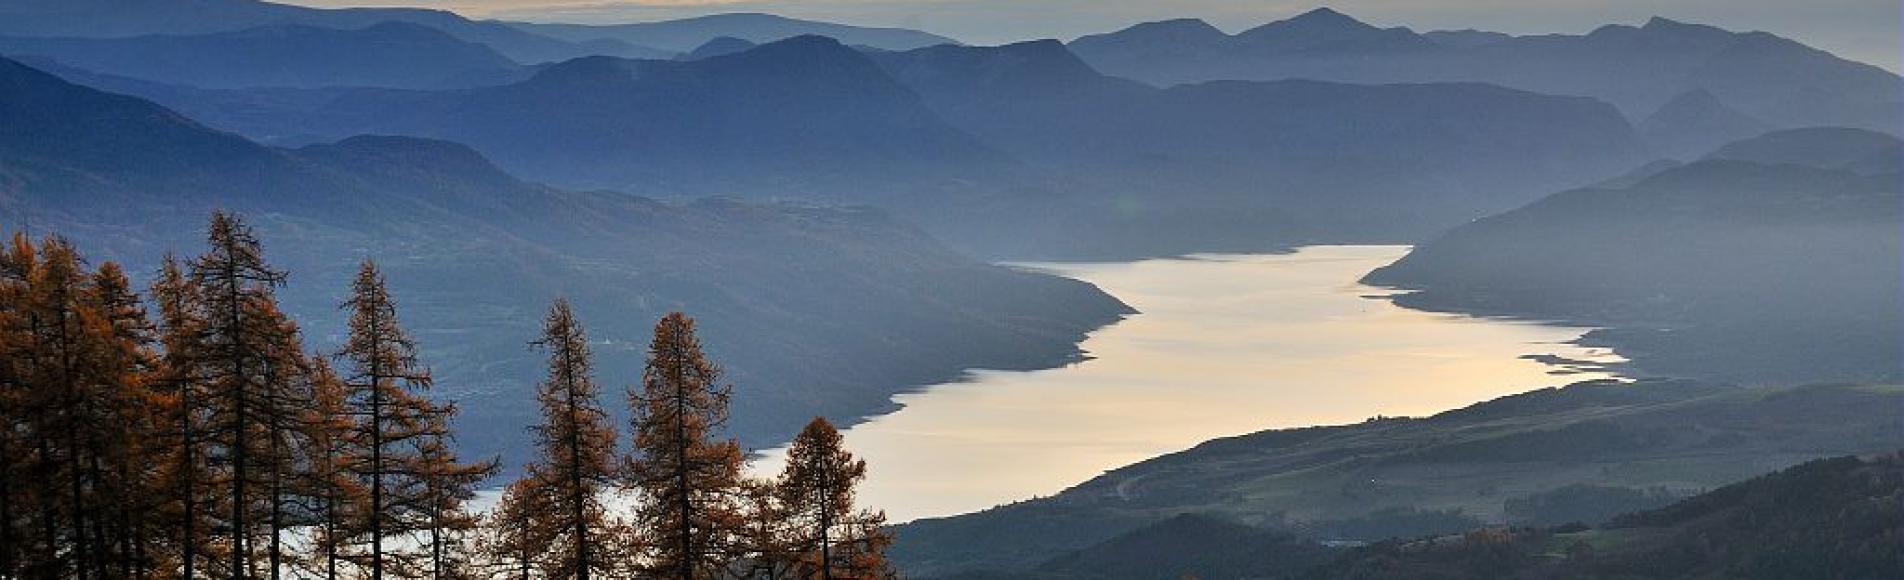 Lumière du soir sur le lac de Serre-Ponçon vu depuis le versant du mont Guillaume en automne ©Mireille Coulon Mireille - Parc national des Ecrins